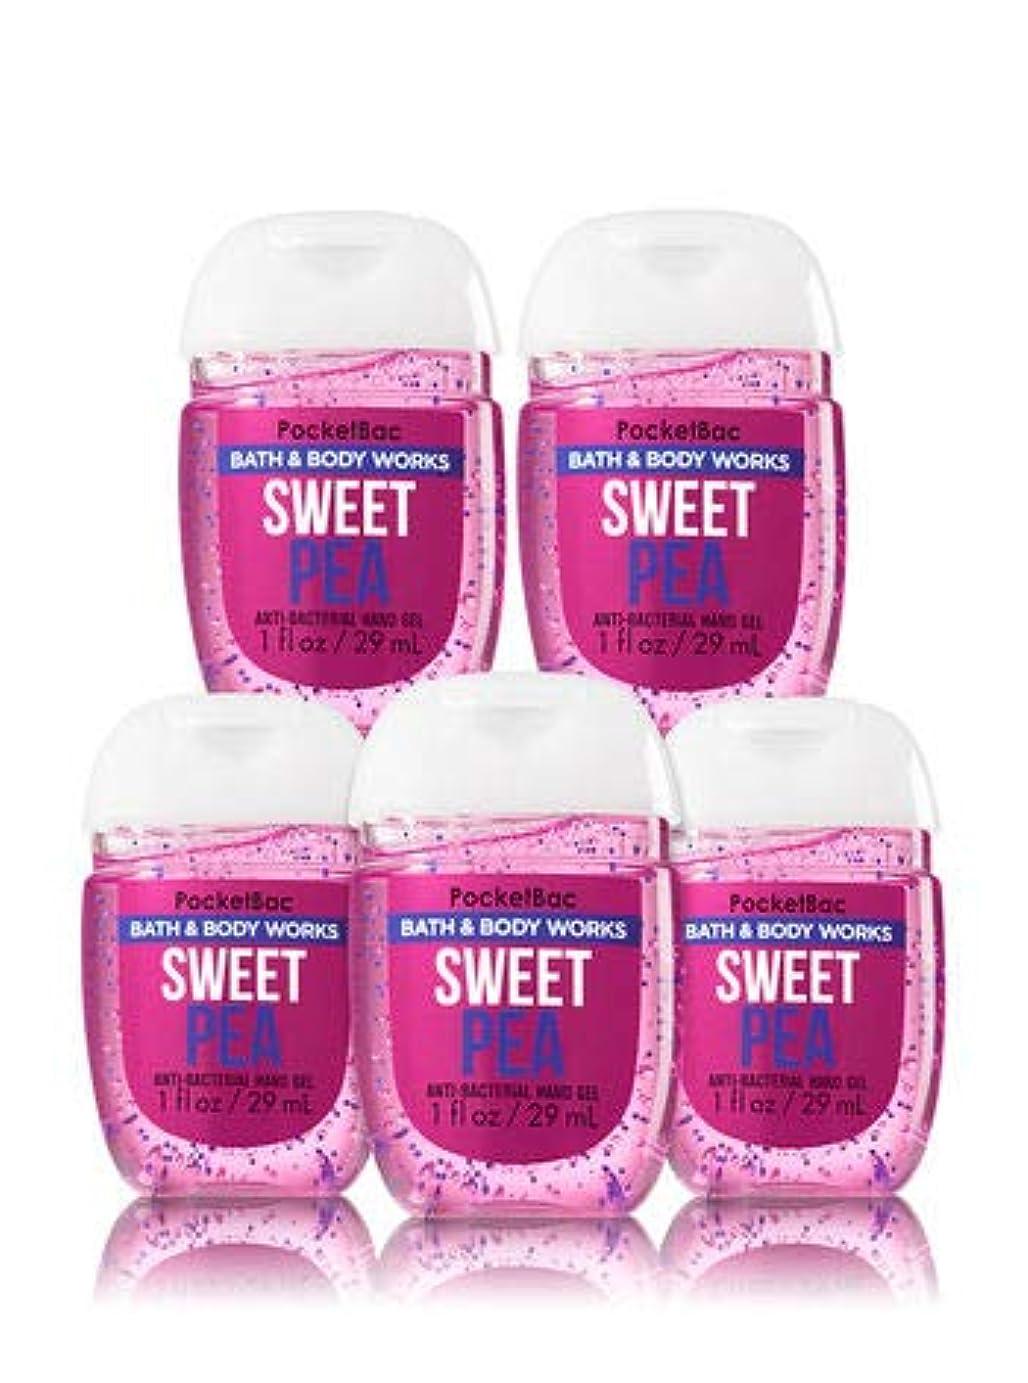 家糸欲しいです【Bath&Body Works/バス&ボディワークス】 抗菌ハンドジェル 5個セット スイートピー Sweet Pea PocketBac Hand Sanitizer Bundle (5-pack) [並行輸入品]